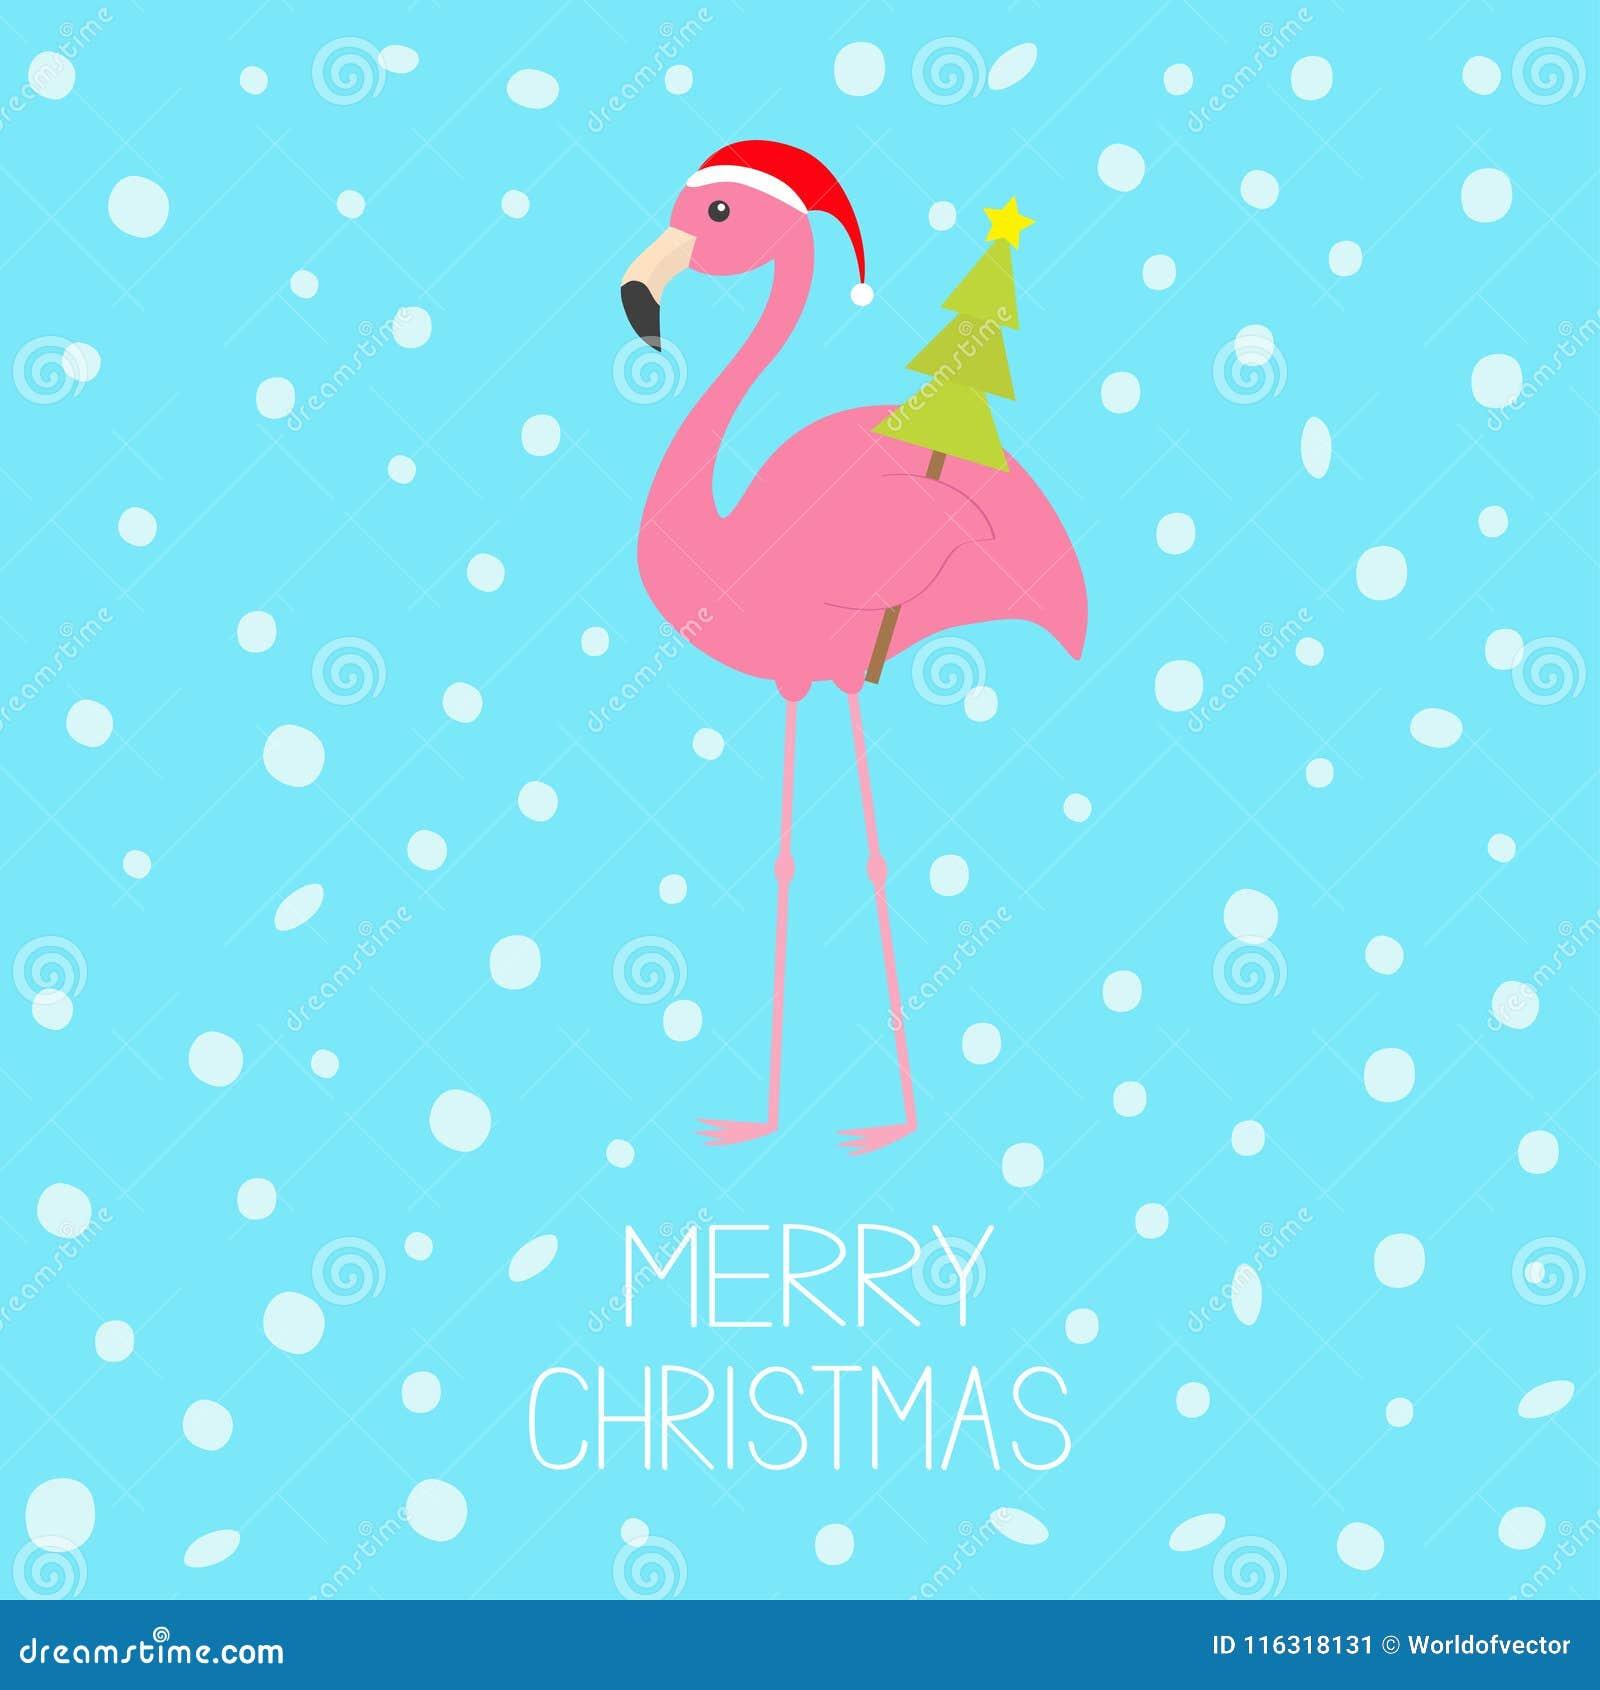 Joyeux Noël Flamant Rose Avec Laile Tenant Larbre De Sapin